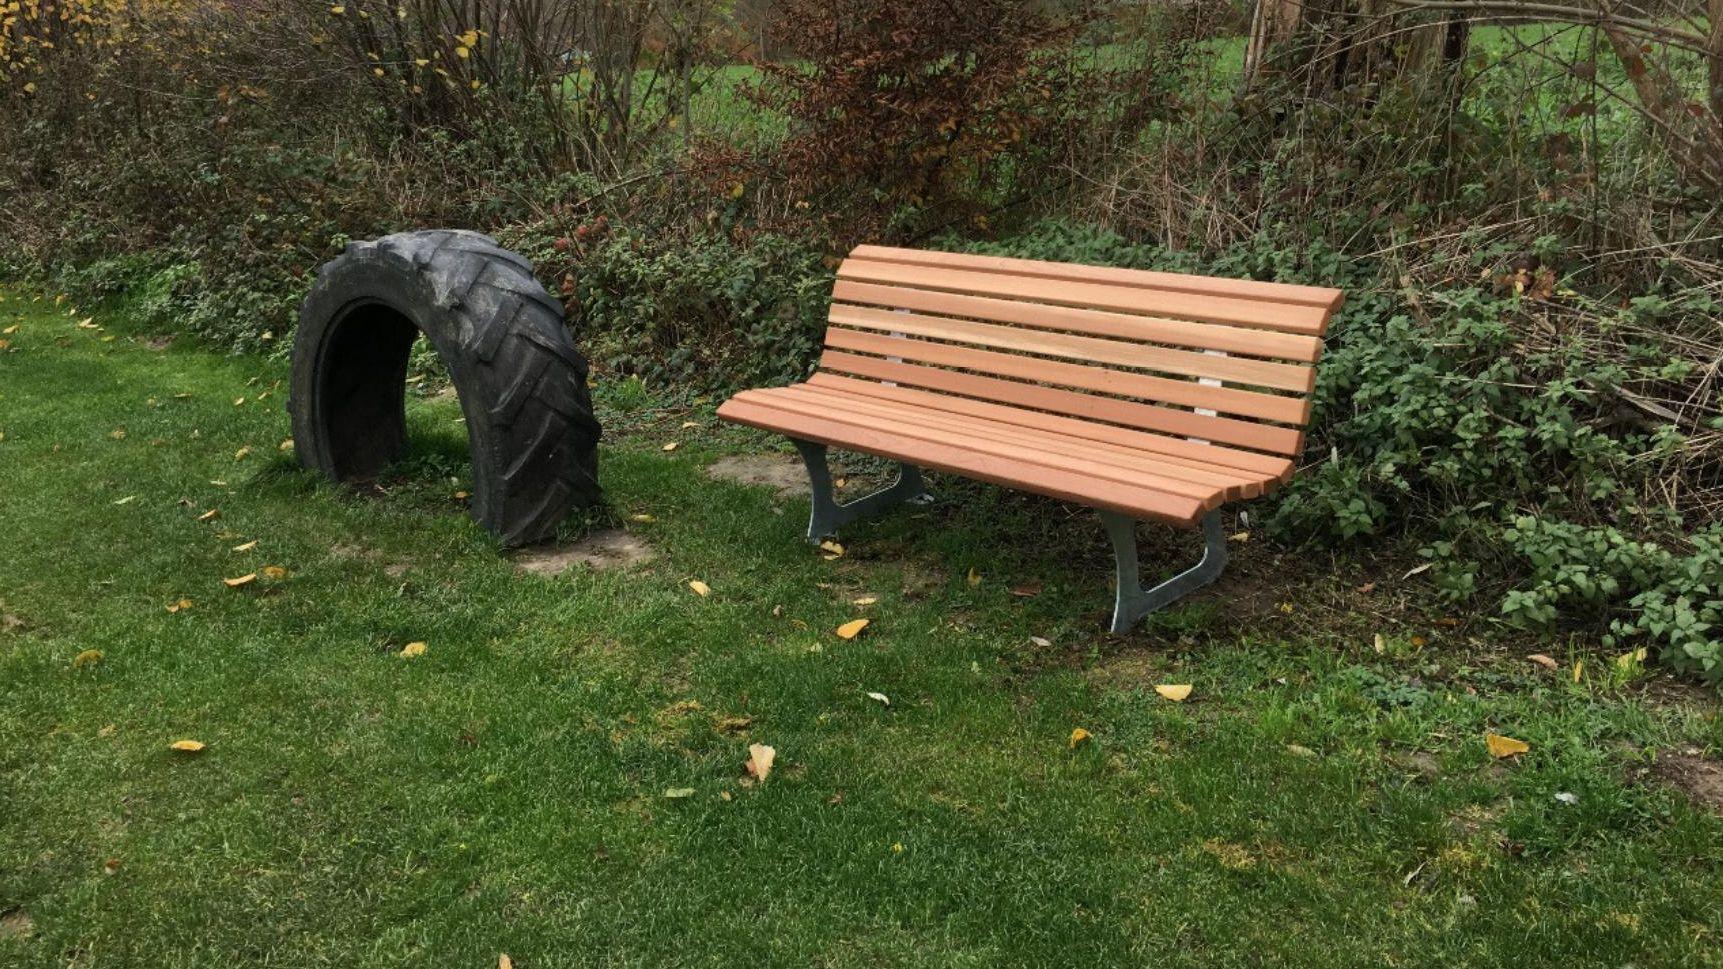 Sitzgelegenheiten für den Tilbecker Barfußgang | Foto Stift Tilbeck GmbH